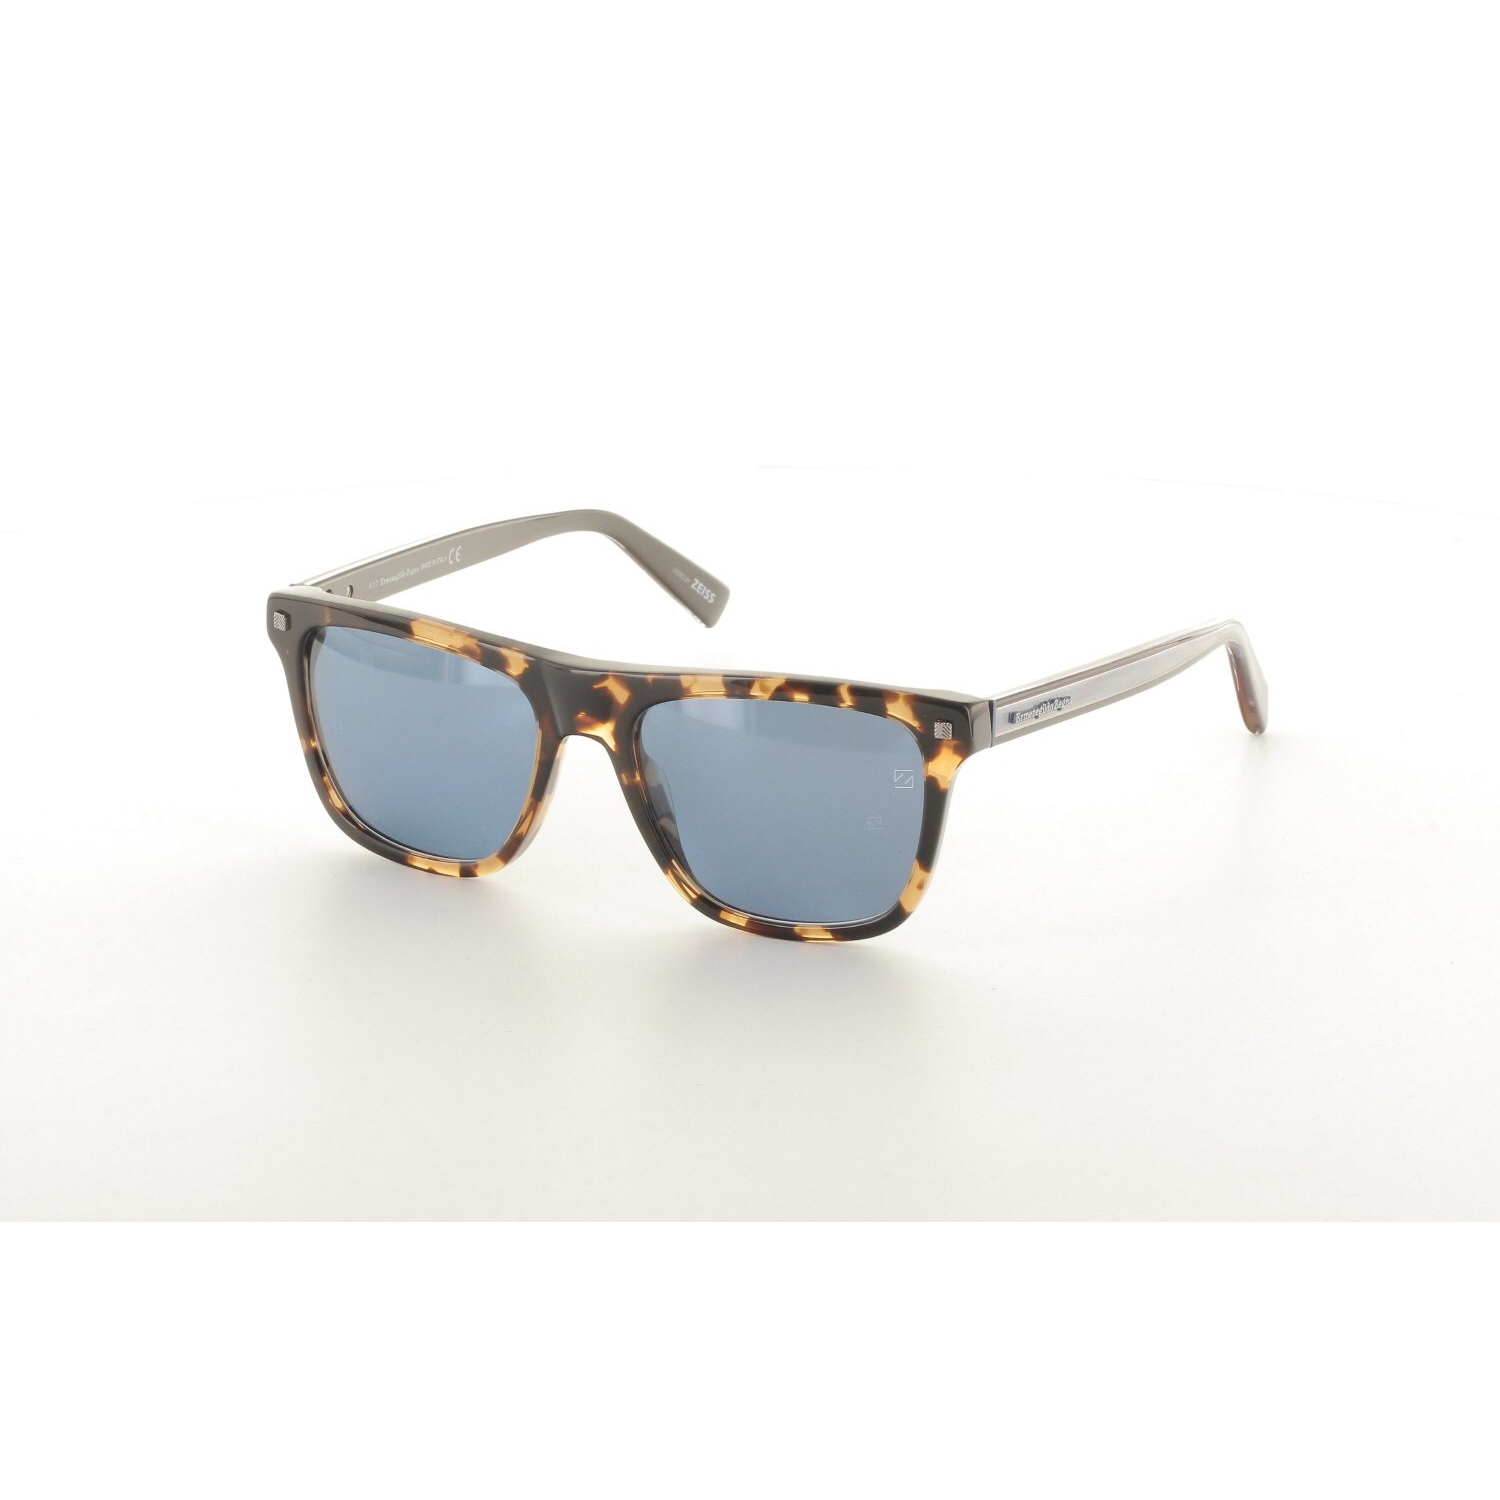 Men's sunglasses ez 0094 55x bone Brown organic square square 54-18-145 ermenegildo zegna